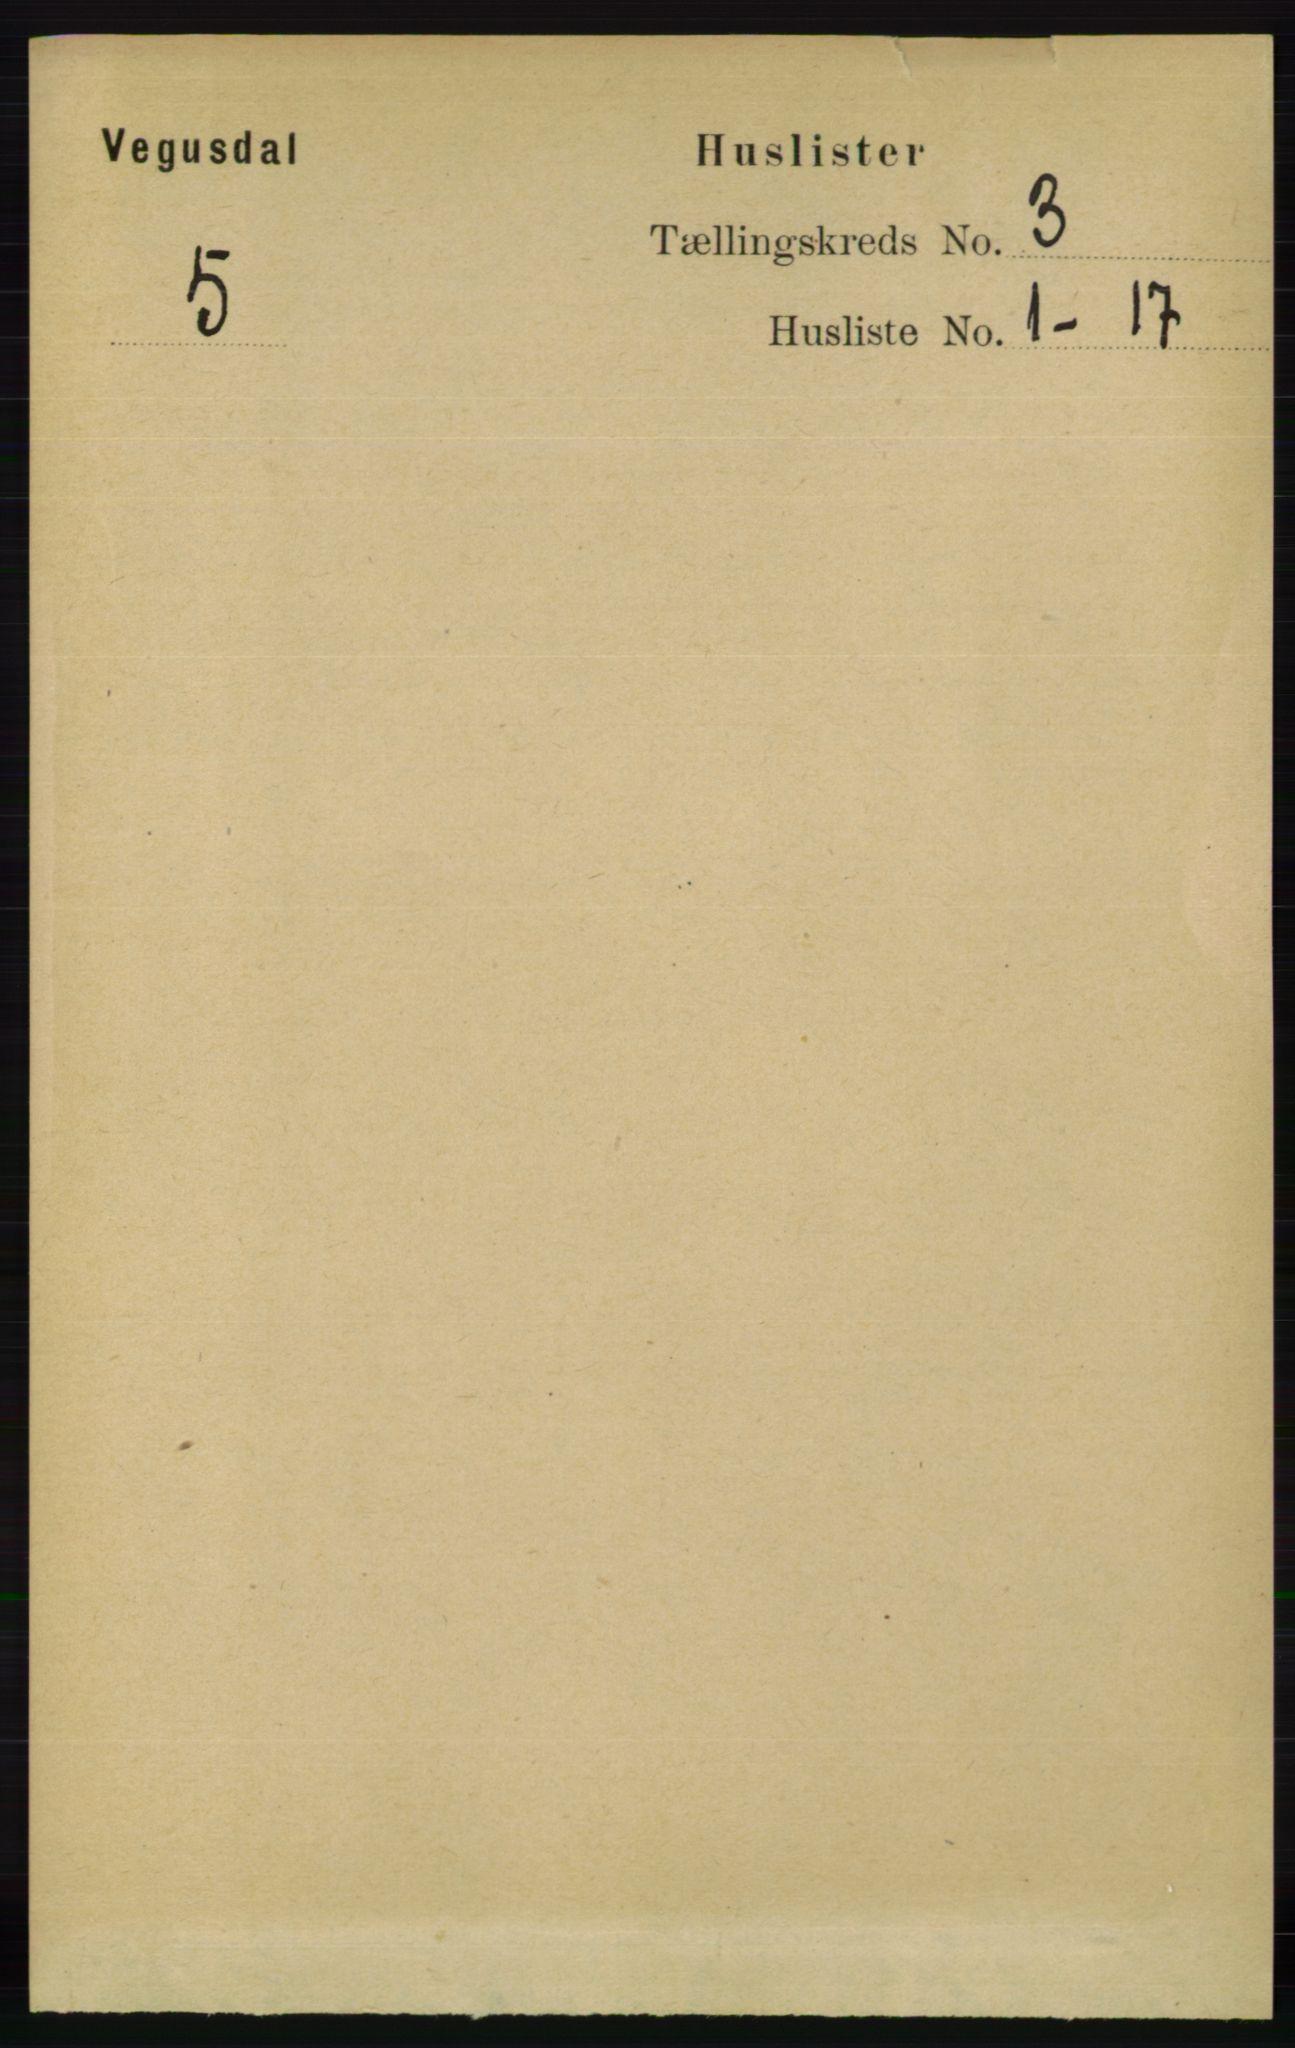 RA, Folketelling 1891 for 0934 Vegusdal herred, 1891, s. 532